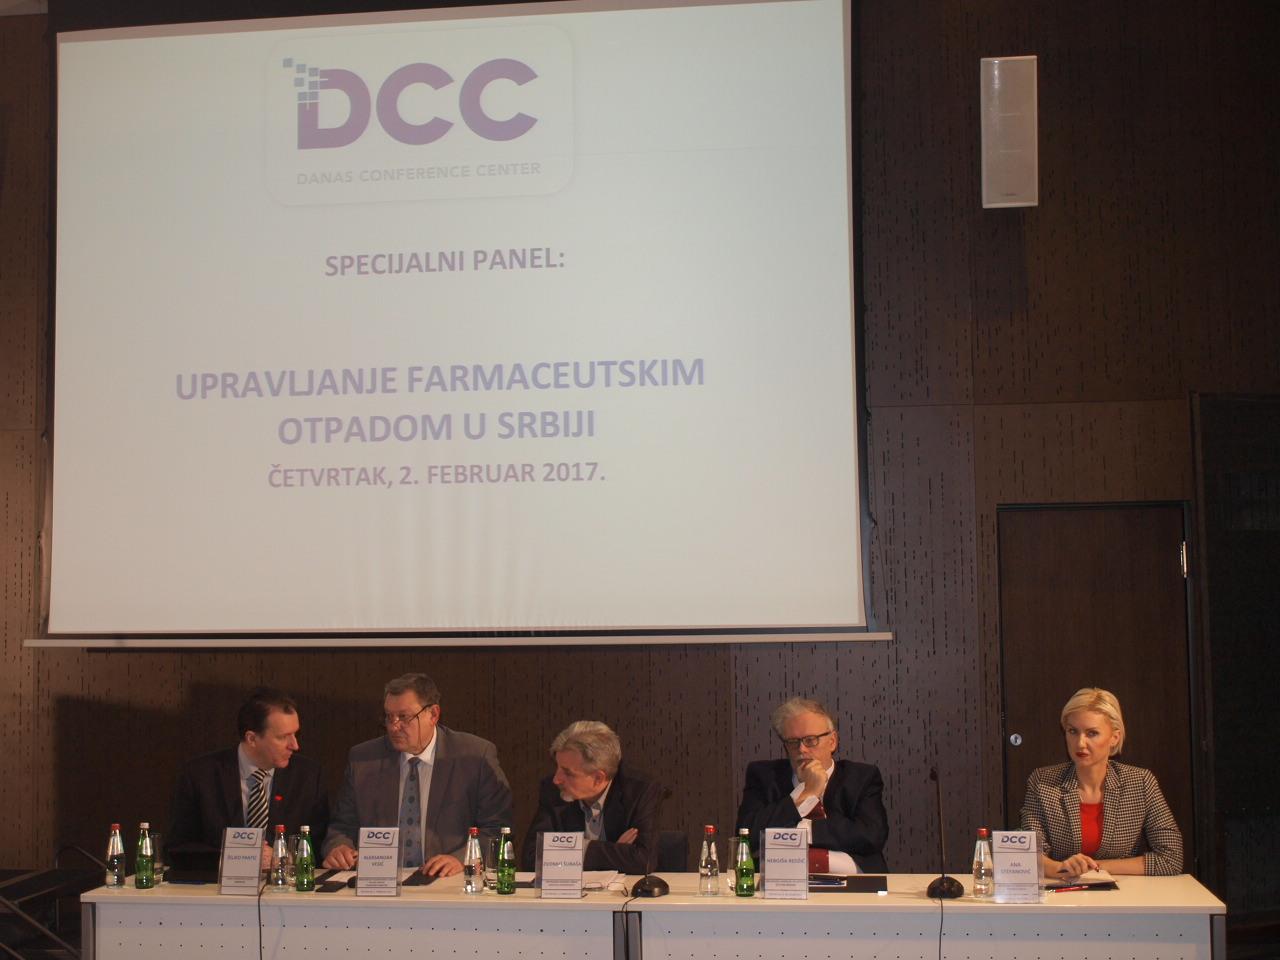 Novi Pravilnik o upravljanju farmaceutskim otpadom do kraja februara